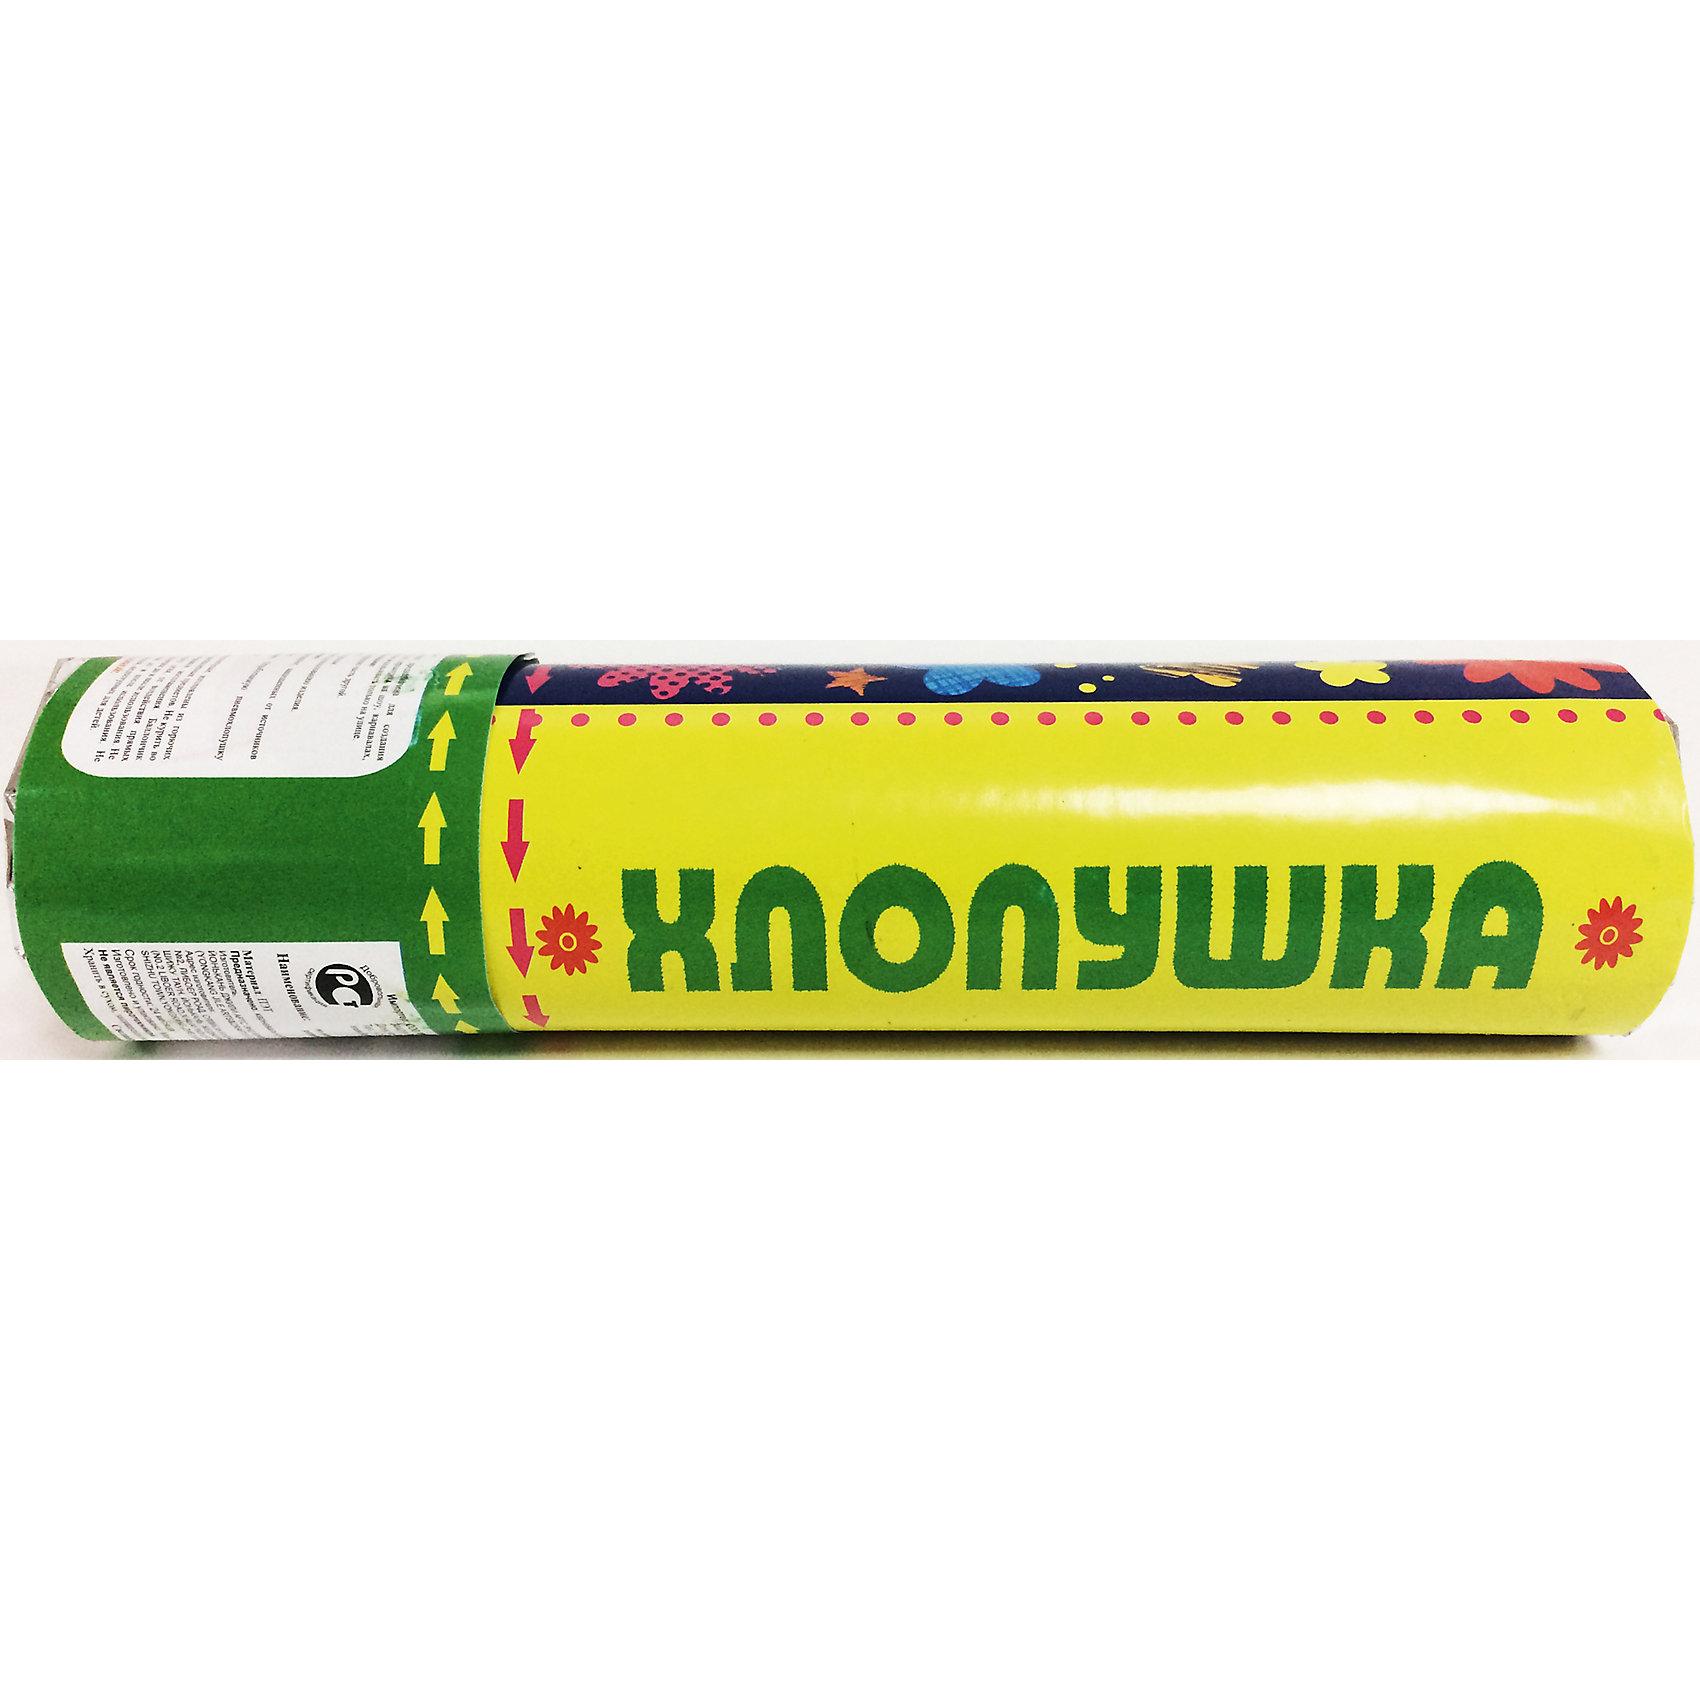 Праздничная пневмохлопушка  (20см, с наполнителем из  разноцветного конфетти из ПВХ в форме цветочков)Всё для праздника<br>Праздничная пневмохлопушка арт.38747 (20см, на основе сжатого воздуха с наполнителем из  разноцветного конфетти из ПВХ в ФОРМЕ ЦВЕТОЧКОВ) / 20см арт.38747<br><br>Ширина мм: 200<br>Глубина мм: 50<br>Высота мм: 50<br>Вес г: 132<br>Возраст от месяцев: 60<br>Возраст до месяцев: 600<br>Пол: Унисекс<br>Возраст: Детский<br>SKU: 5144570